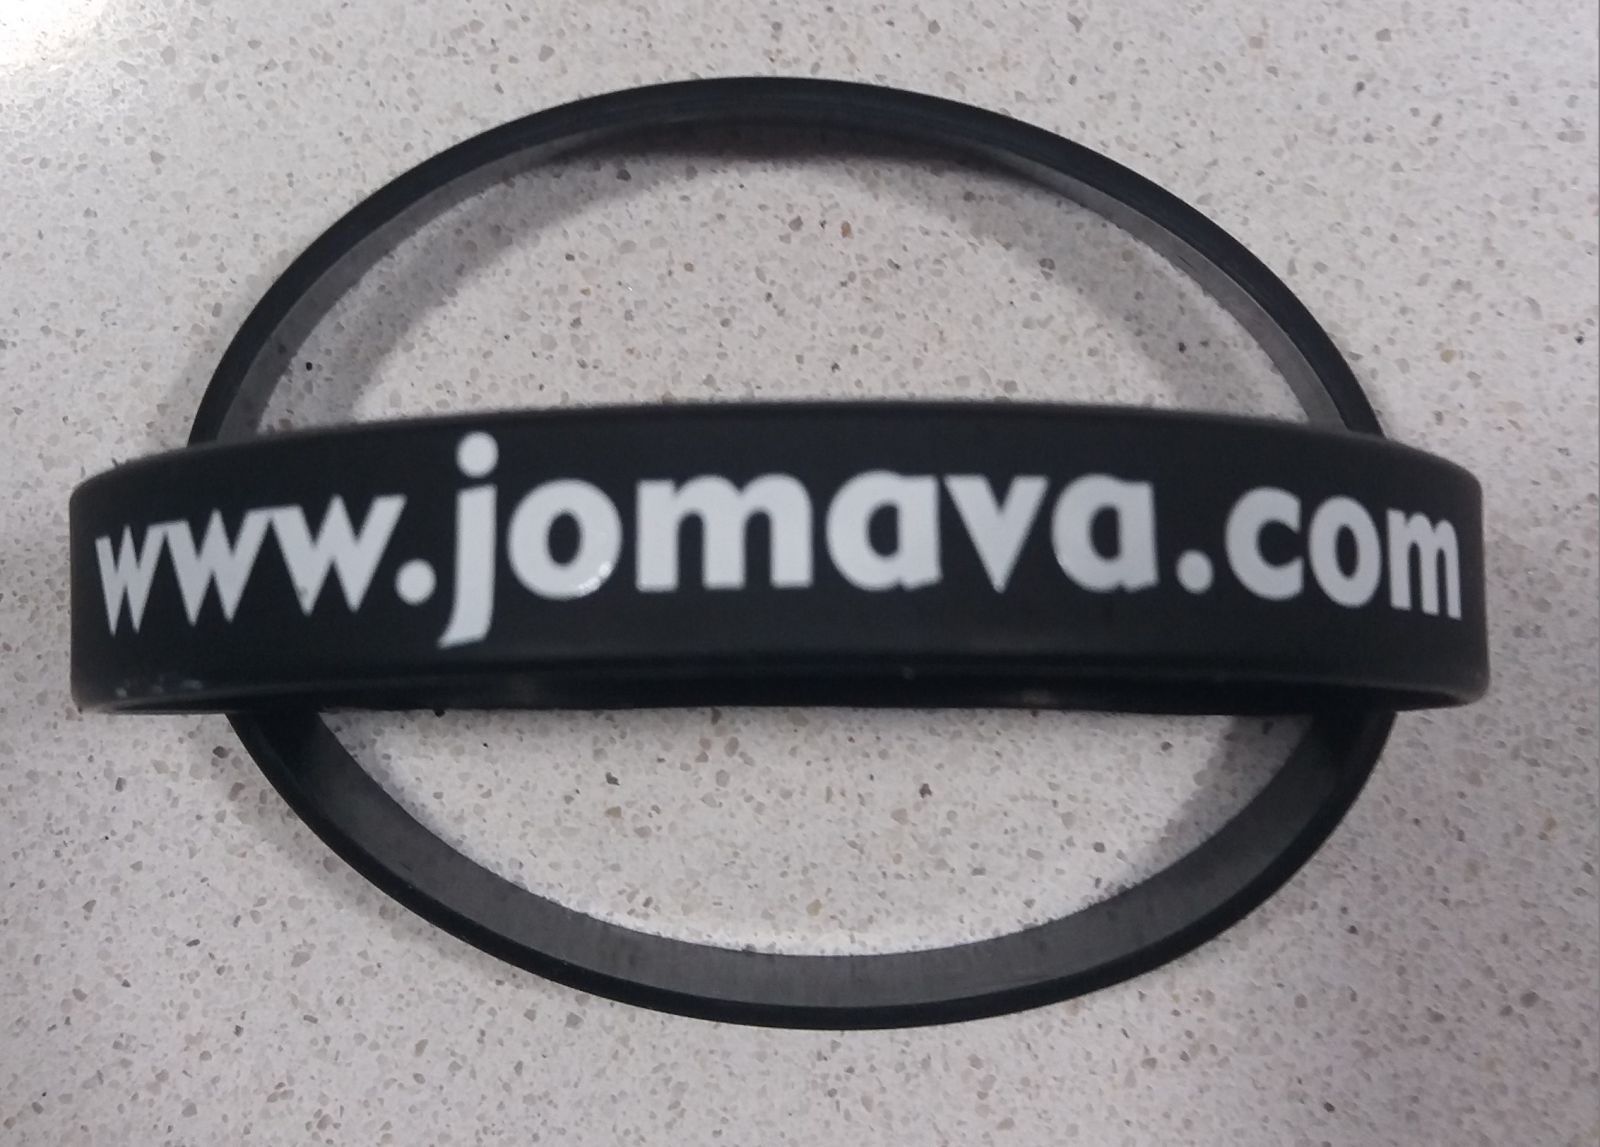 Pulsera www.jomava.com